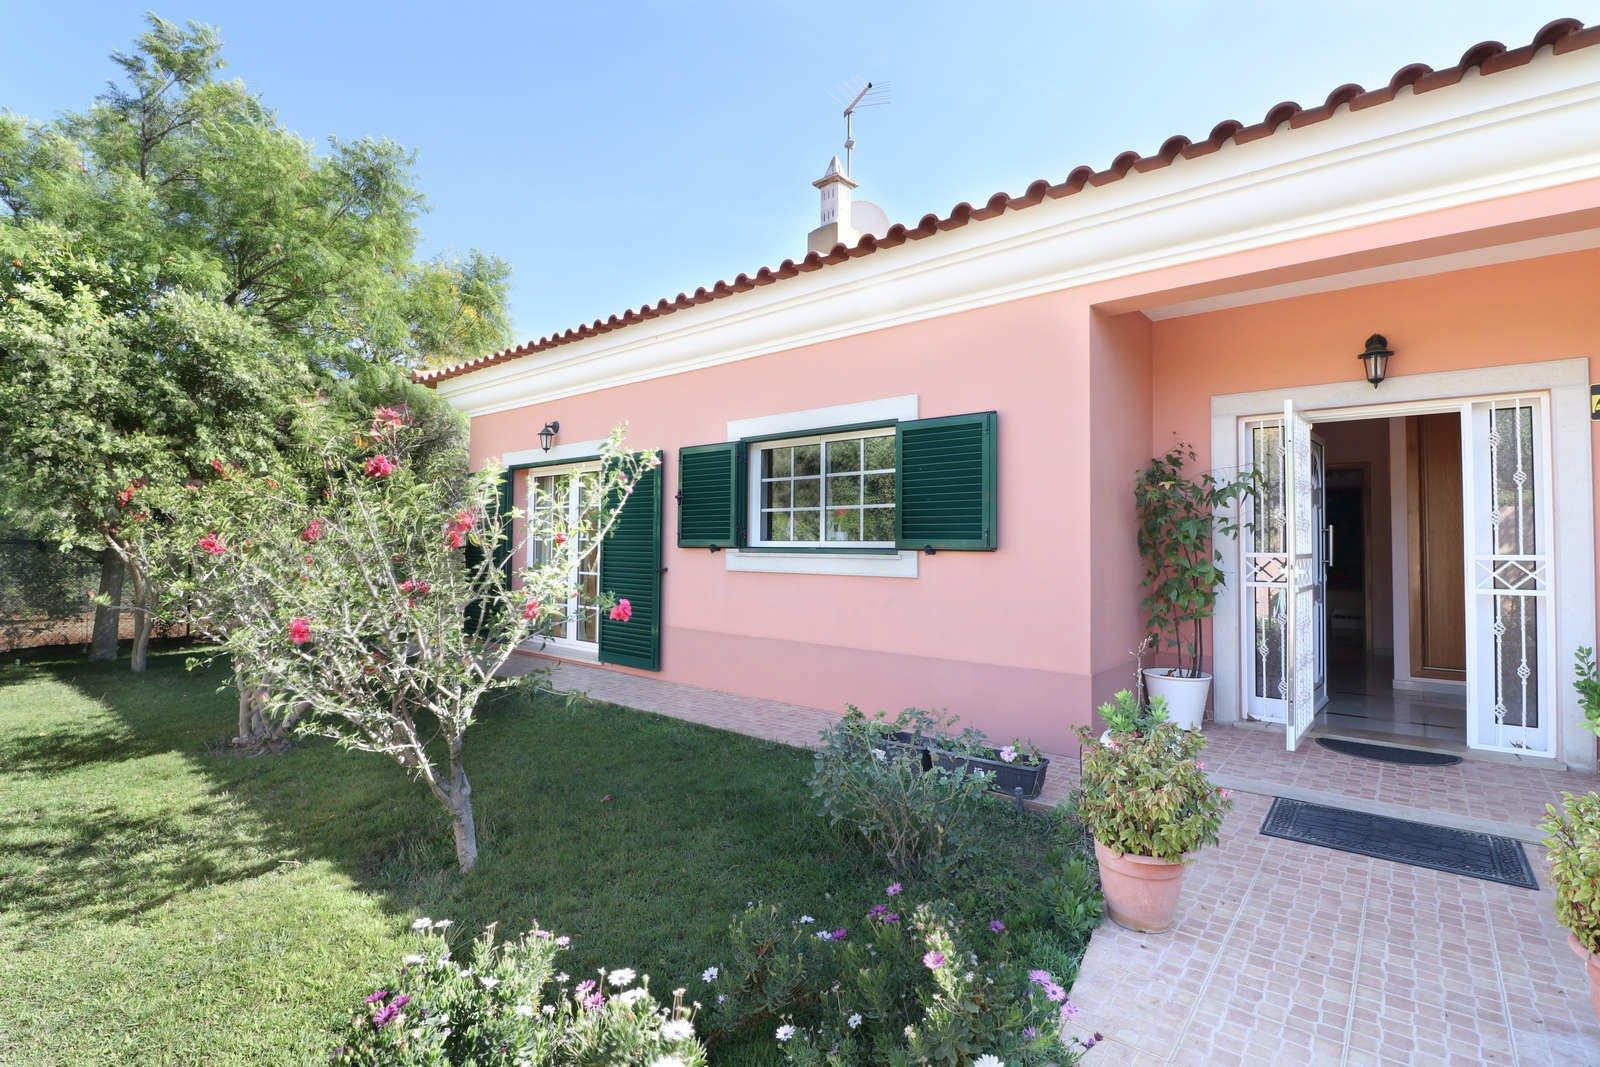 3 Bedroom Villa Loule, Central Algarve Ref: PV3644